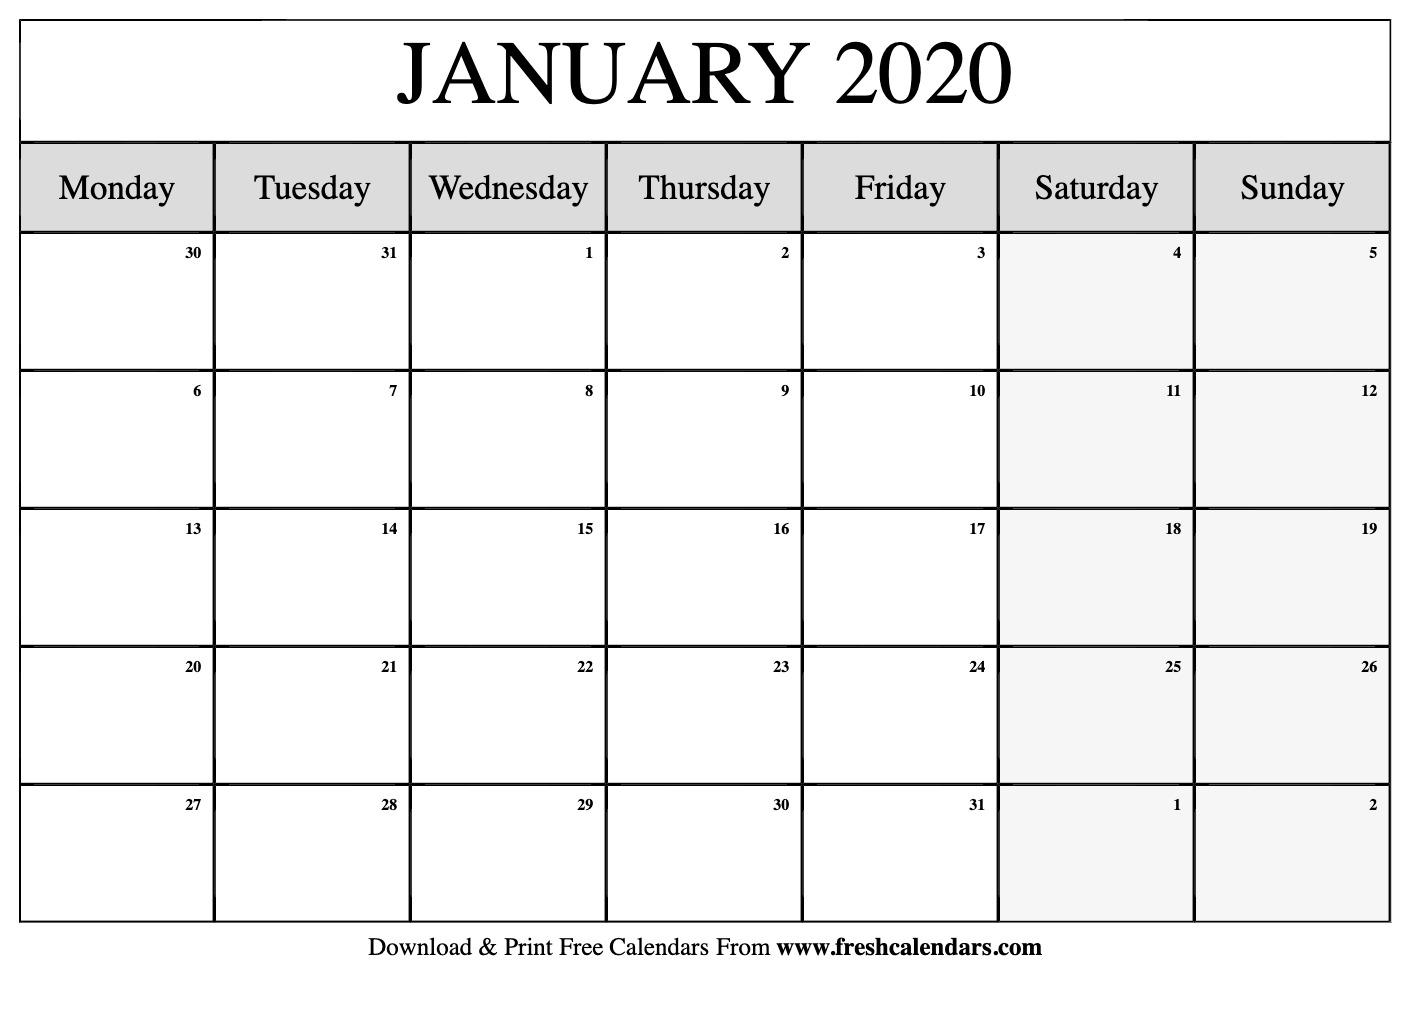 Free Printable January 2020 Calendars regarding 2020 Free Printable Calendars That Start With Monday